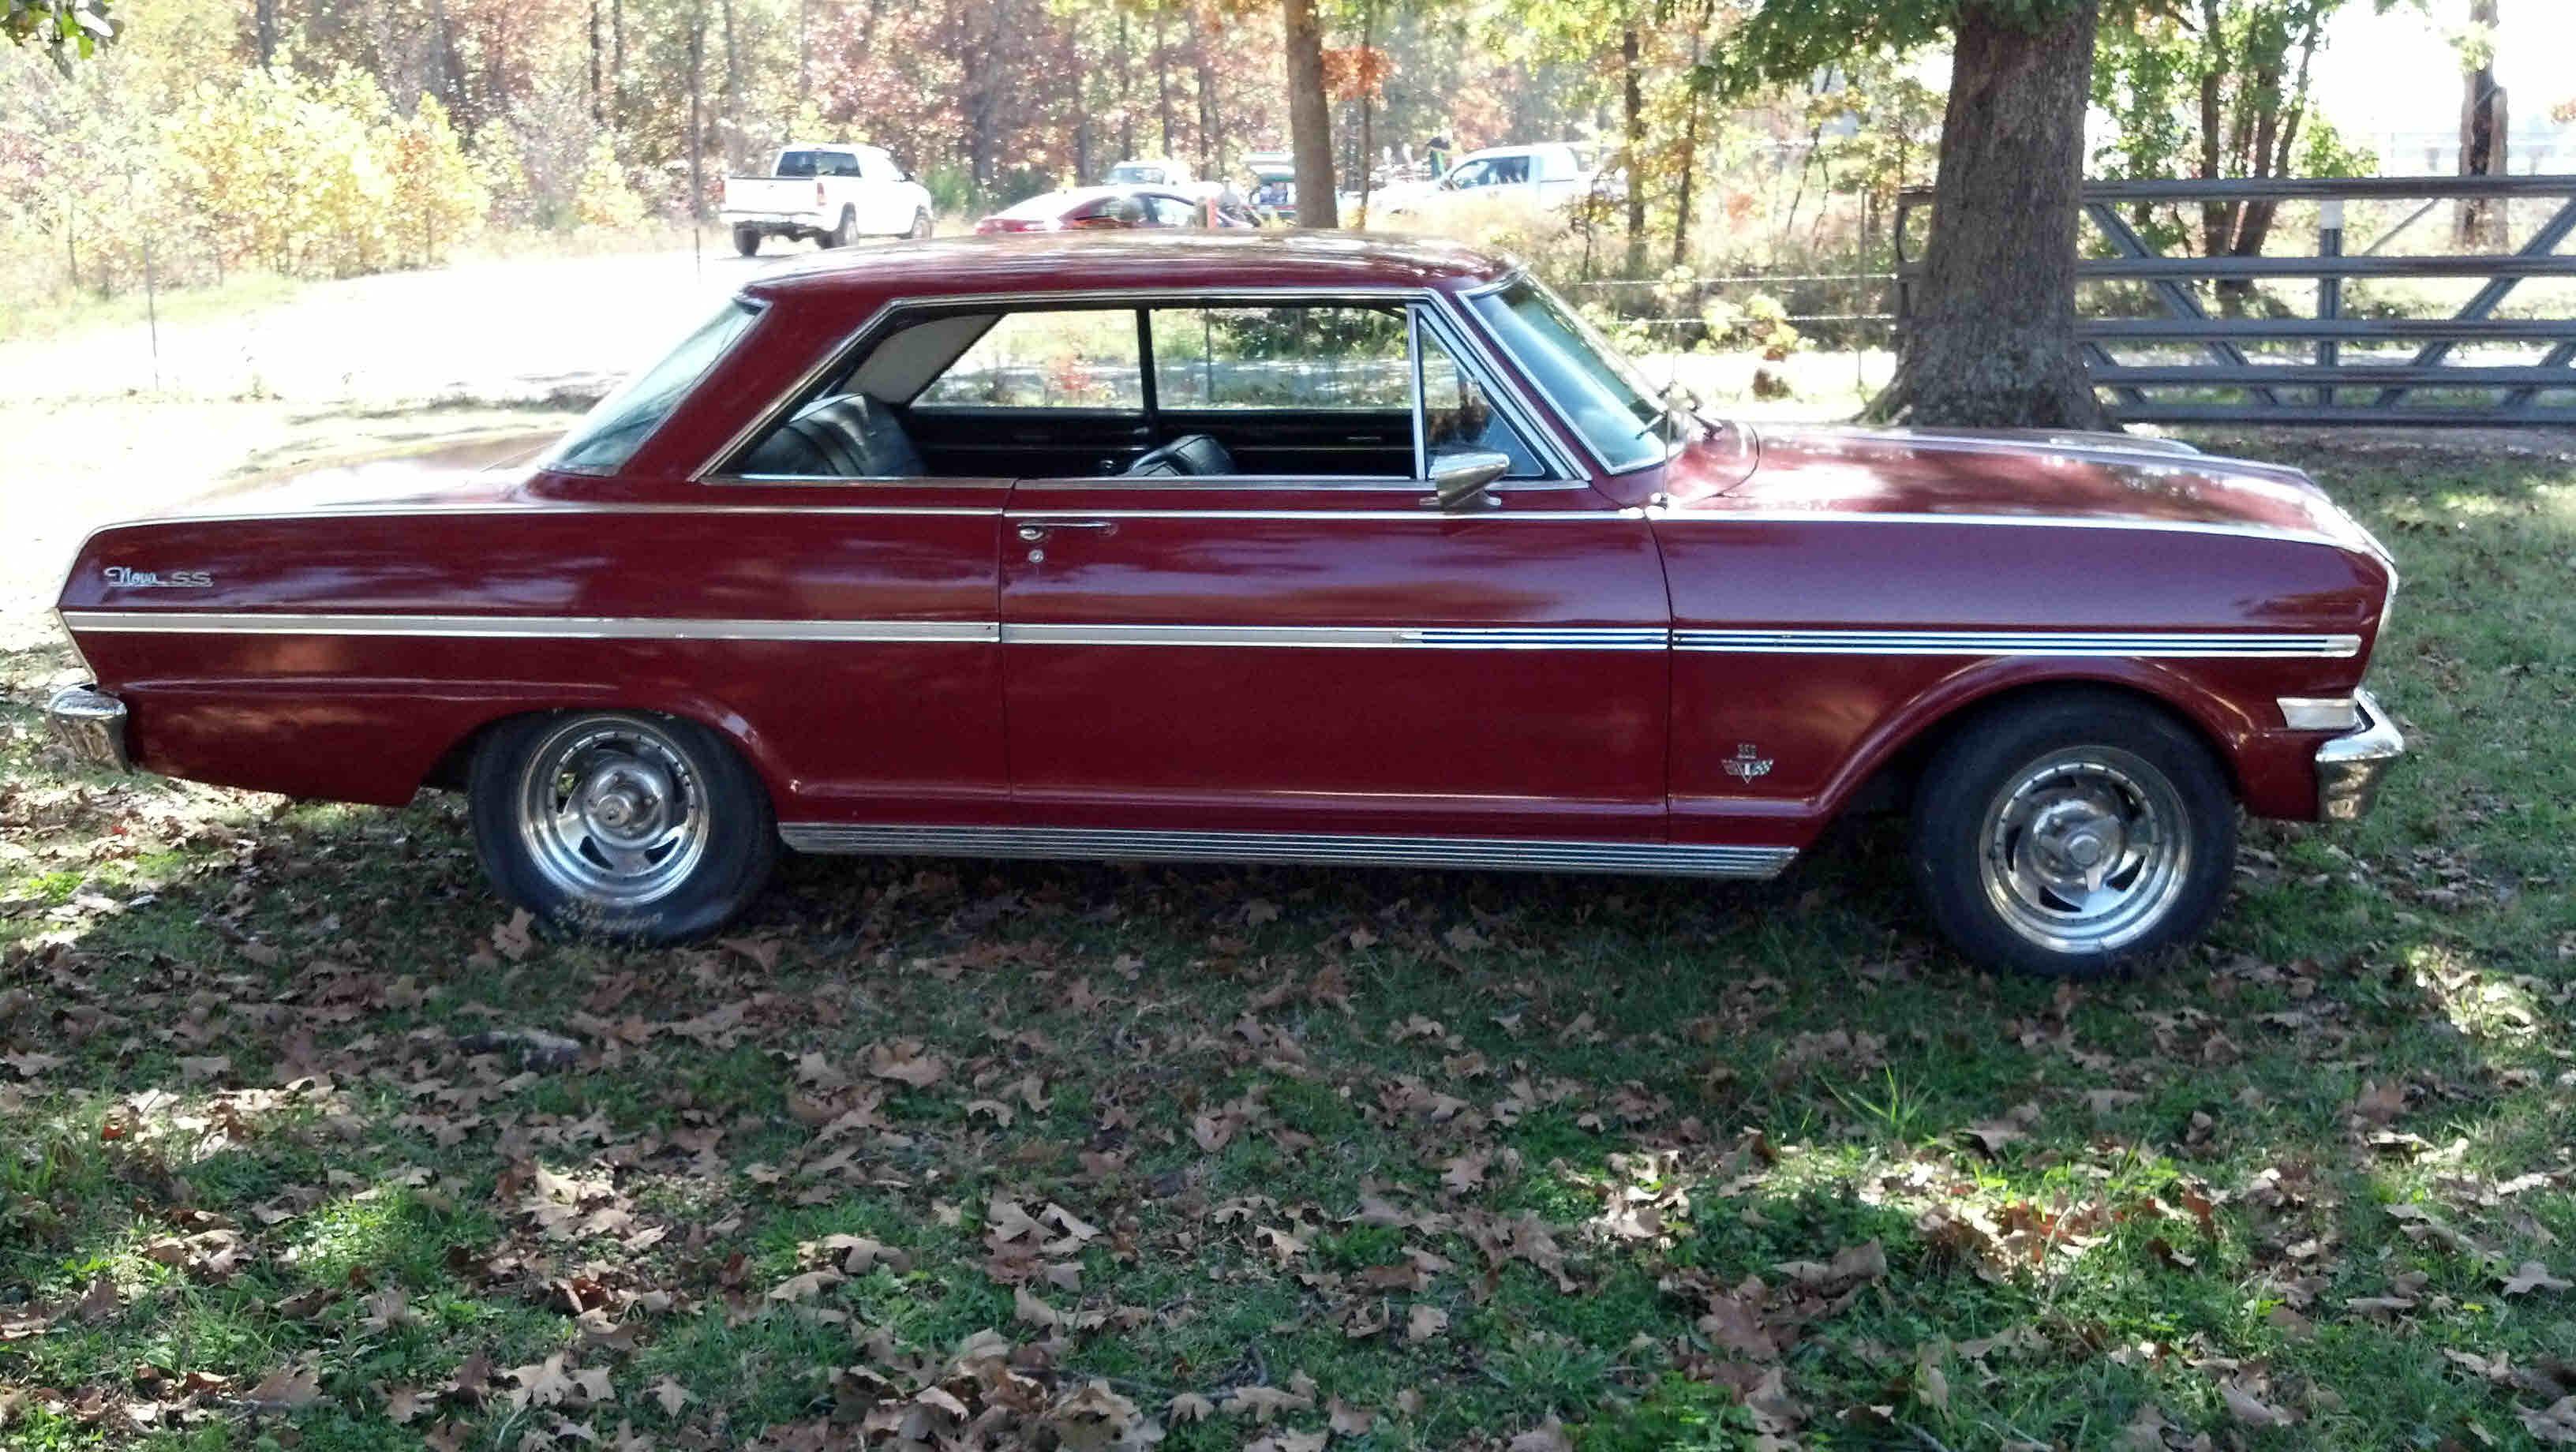 Chevy Ss Interior >> Red, black vinyl interior, V8 283, auto, 2 door hardtop